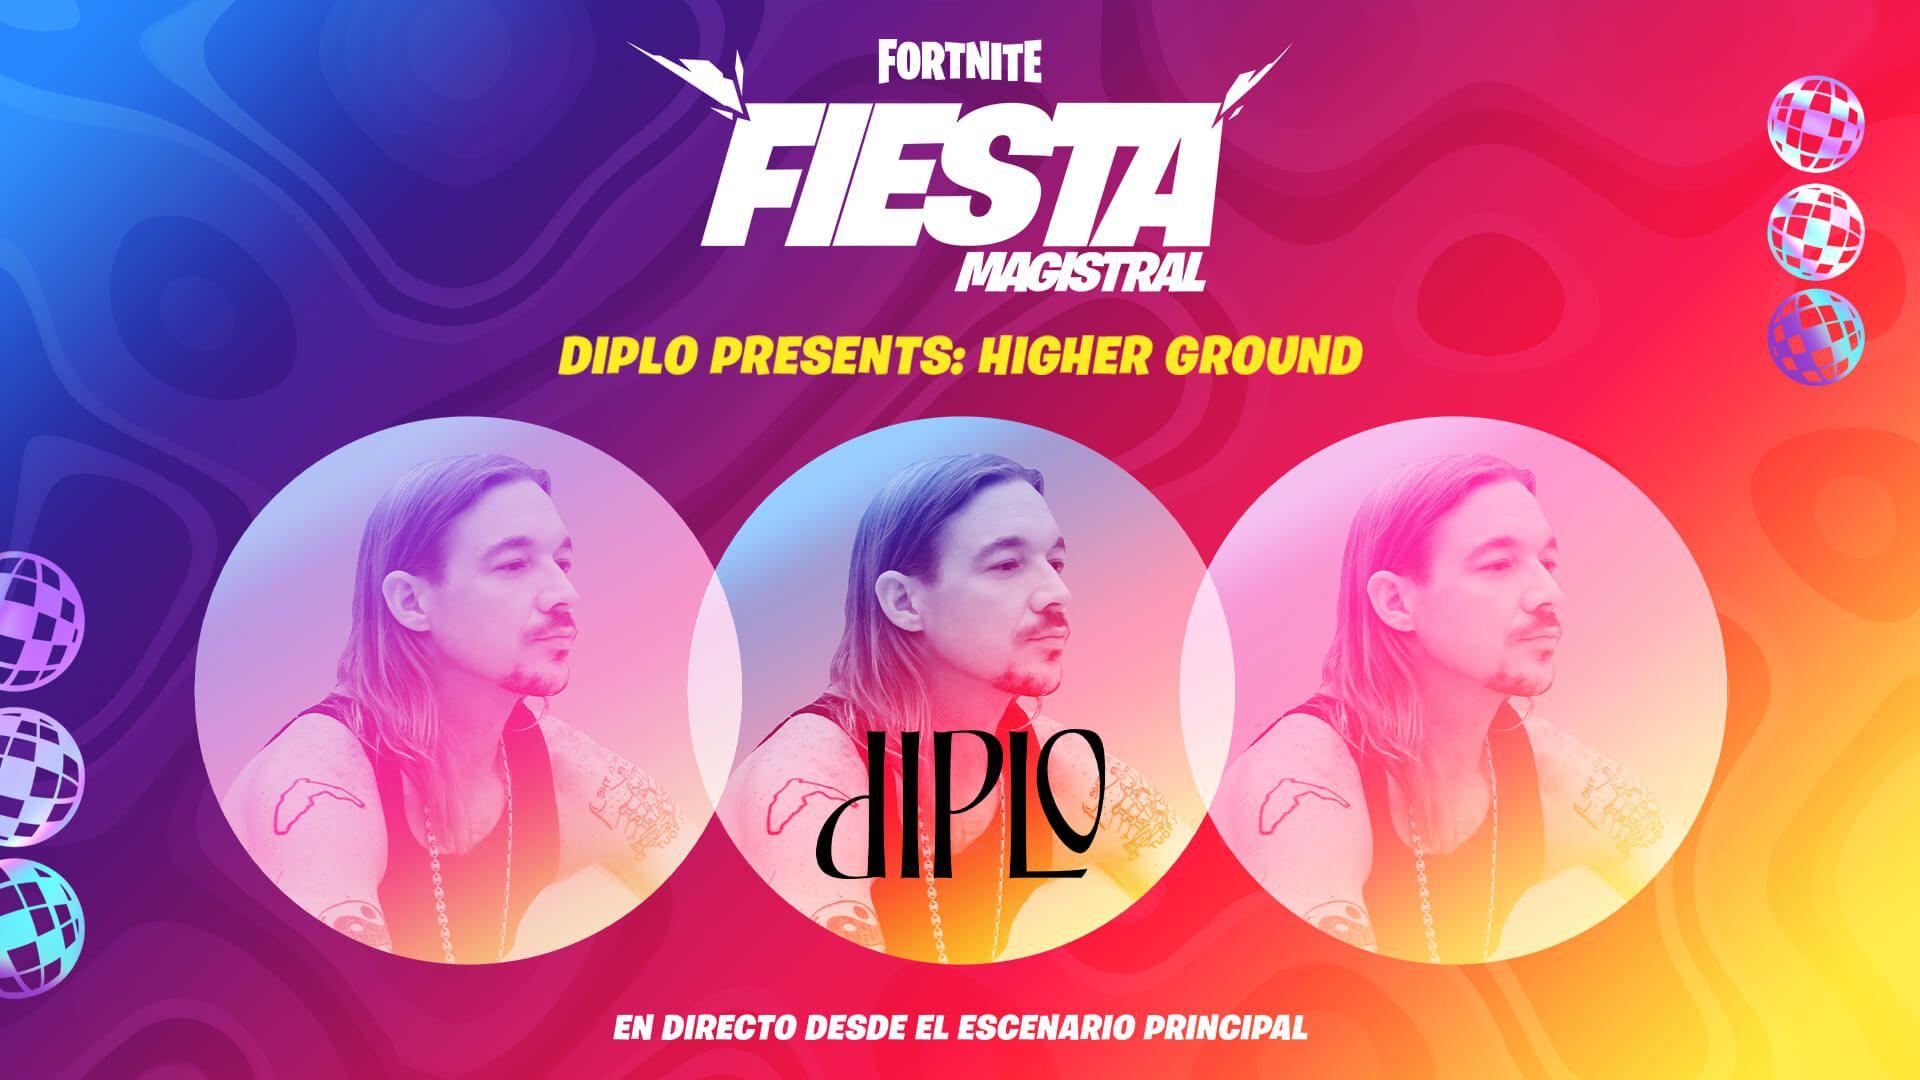 Fortnite: El 31 de Julio unete a la Fiesta Campal Diplo presents: Higher Ground y obten gratis el Domingo 02 agosto camuflaje after party.